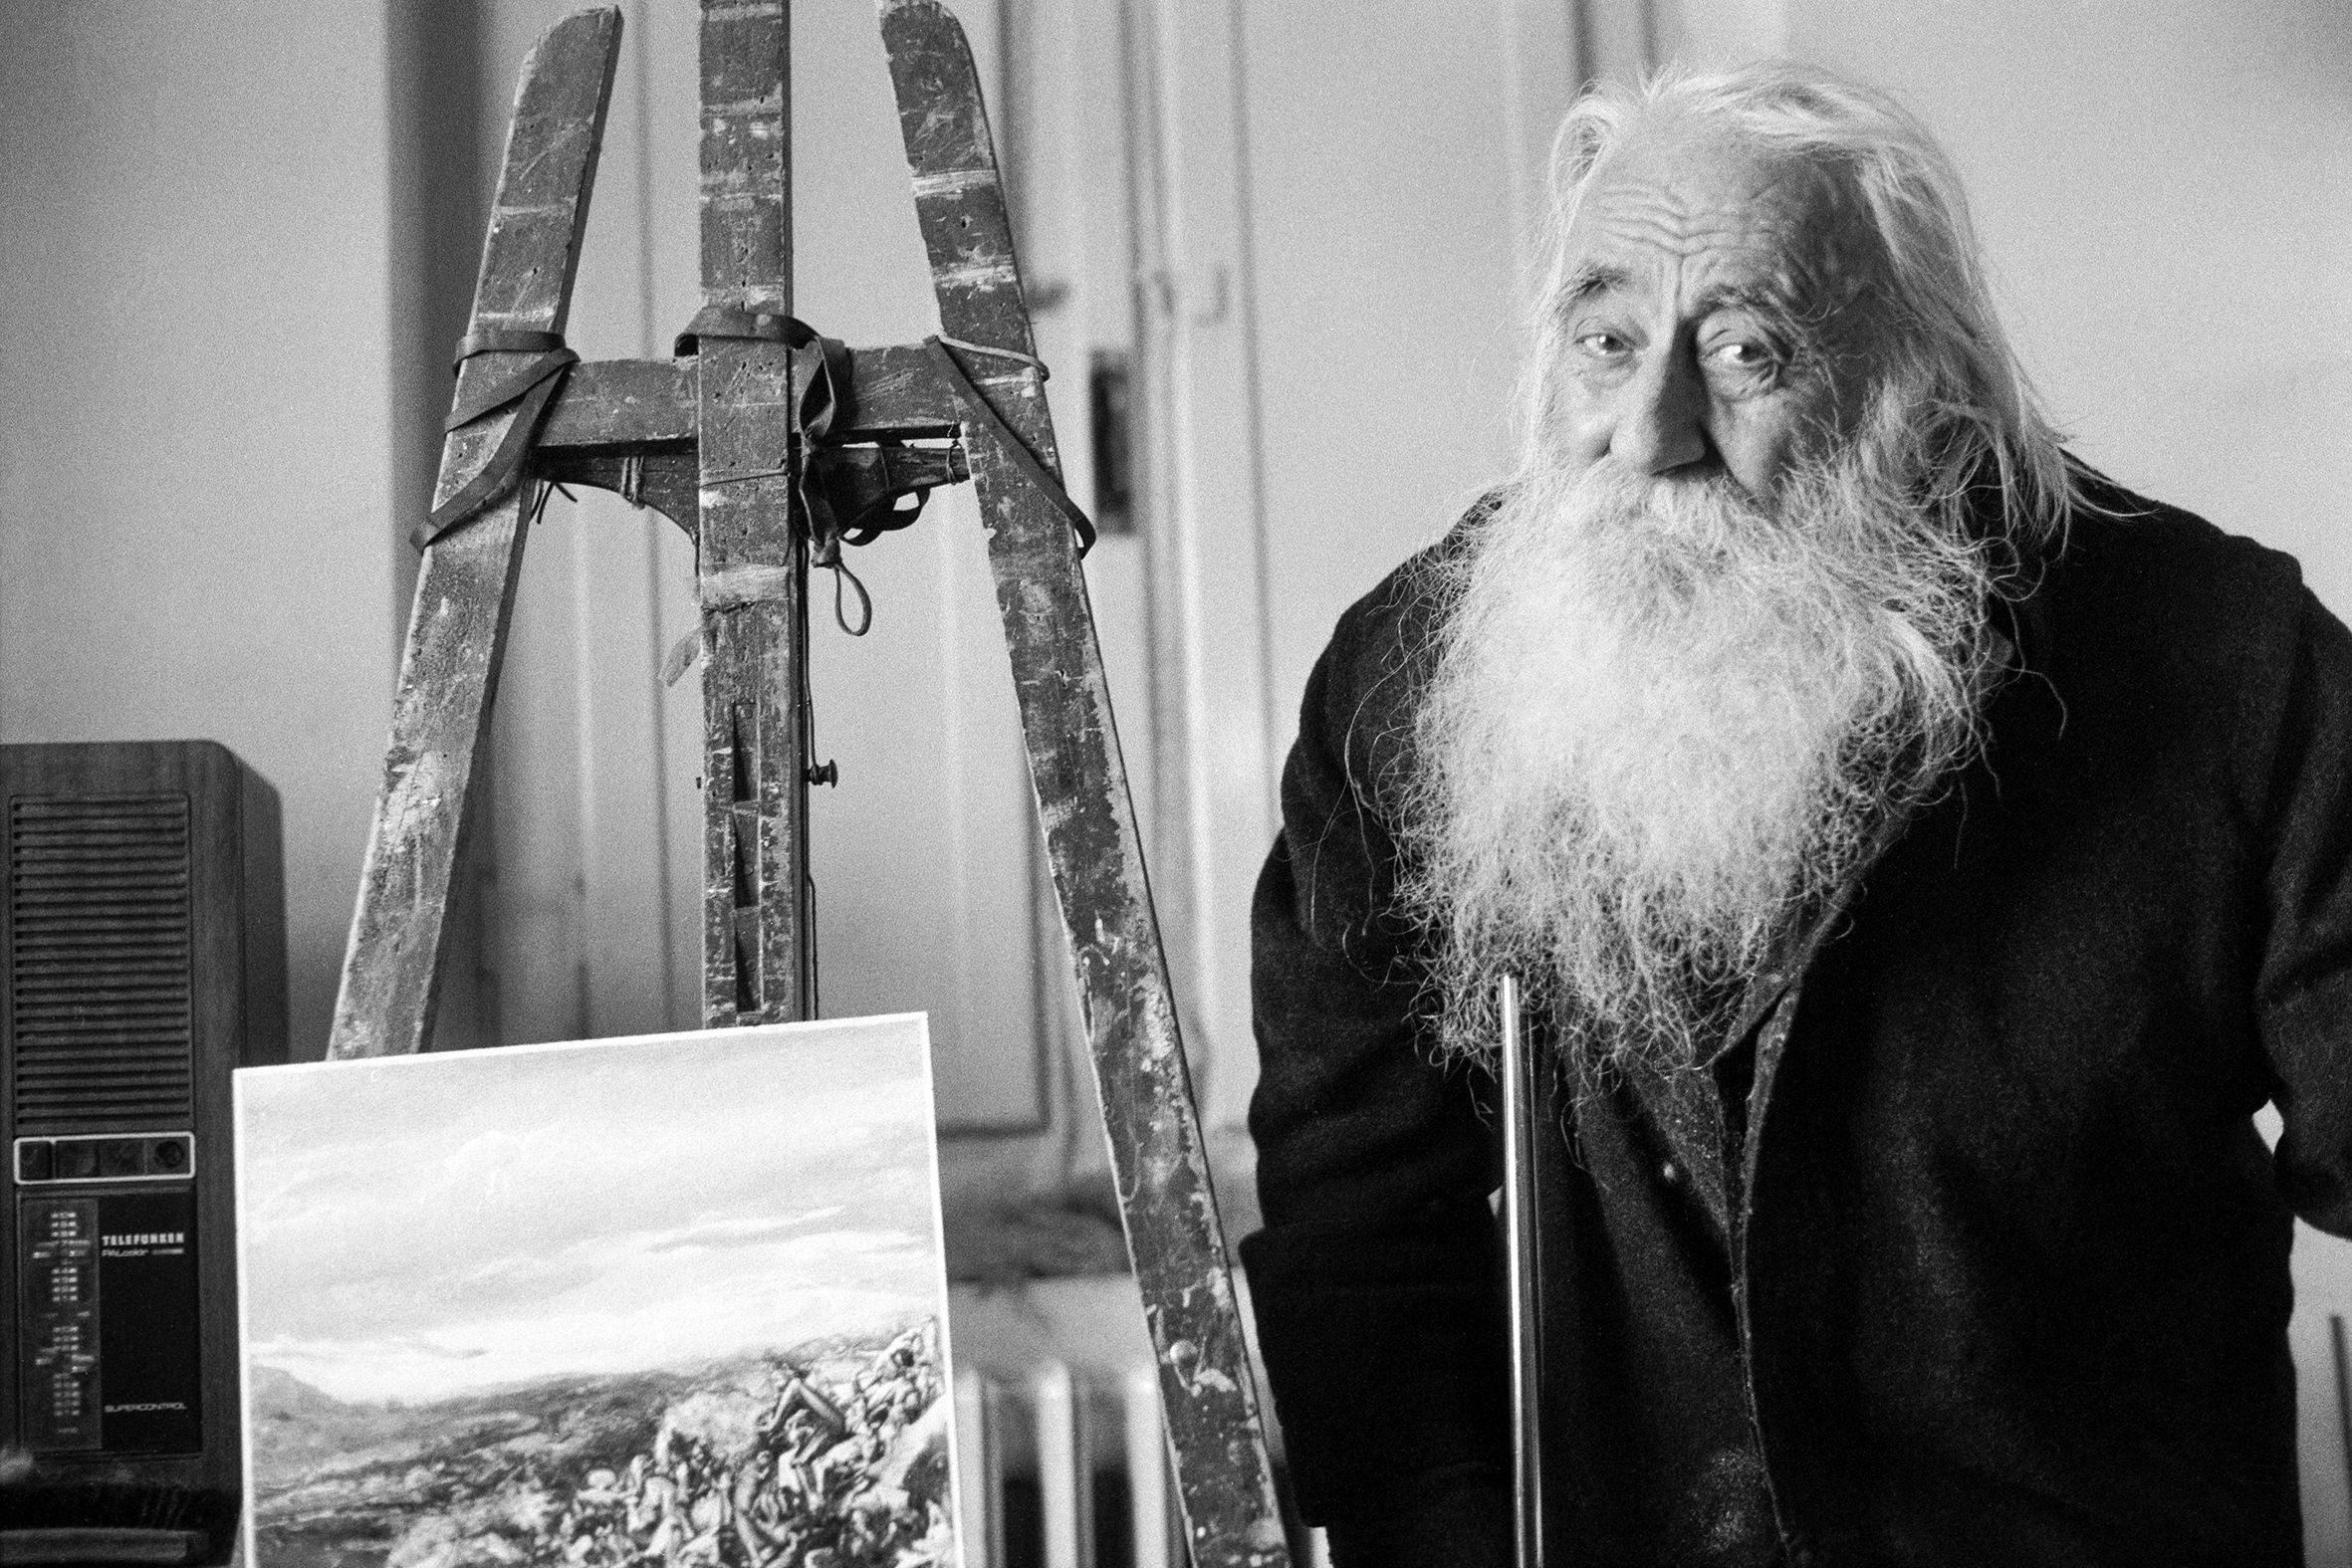 Personaggi Fermani - 4 – Il pittore Giuseppe Pende nel suo studio, Fermo, 1994